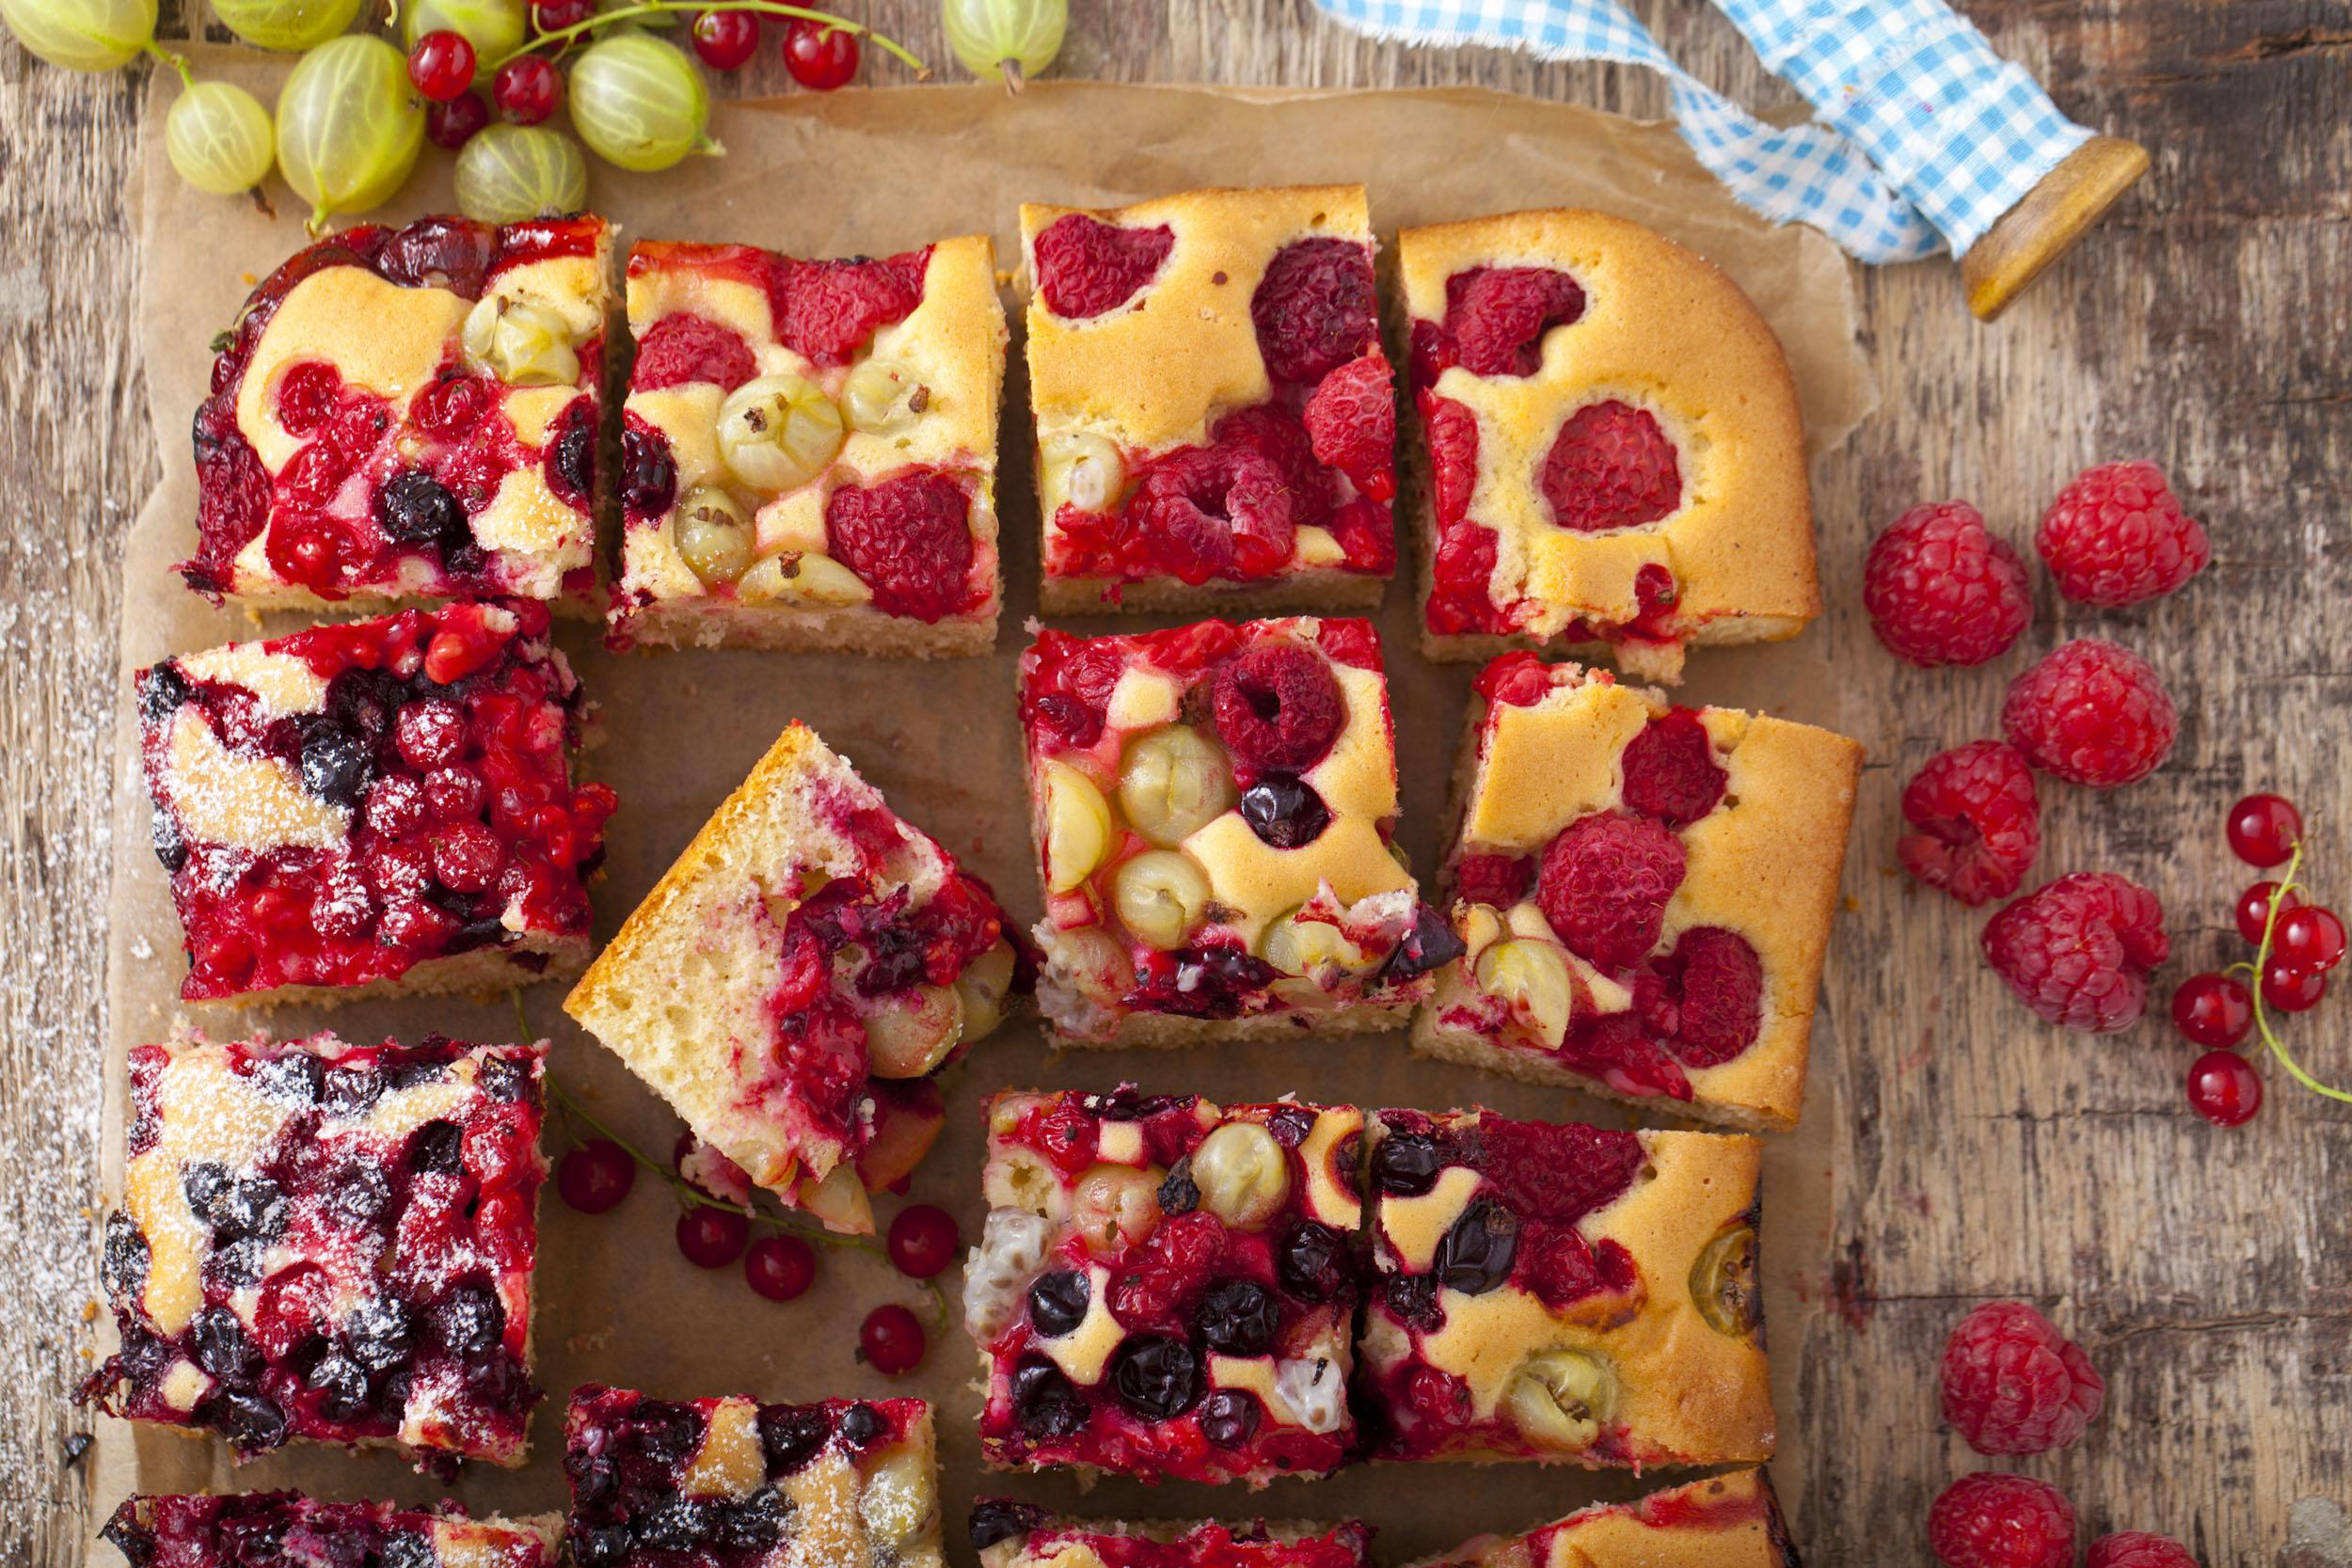 Pyszne ciasto na oleju z owocami jagodowymi